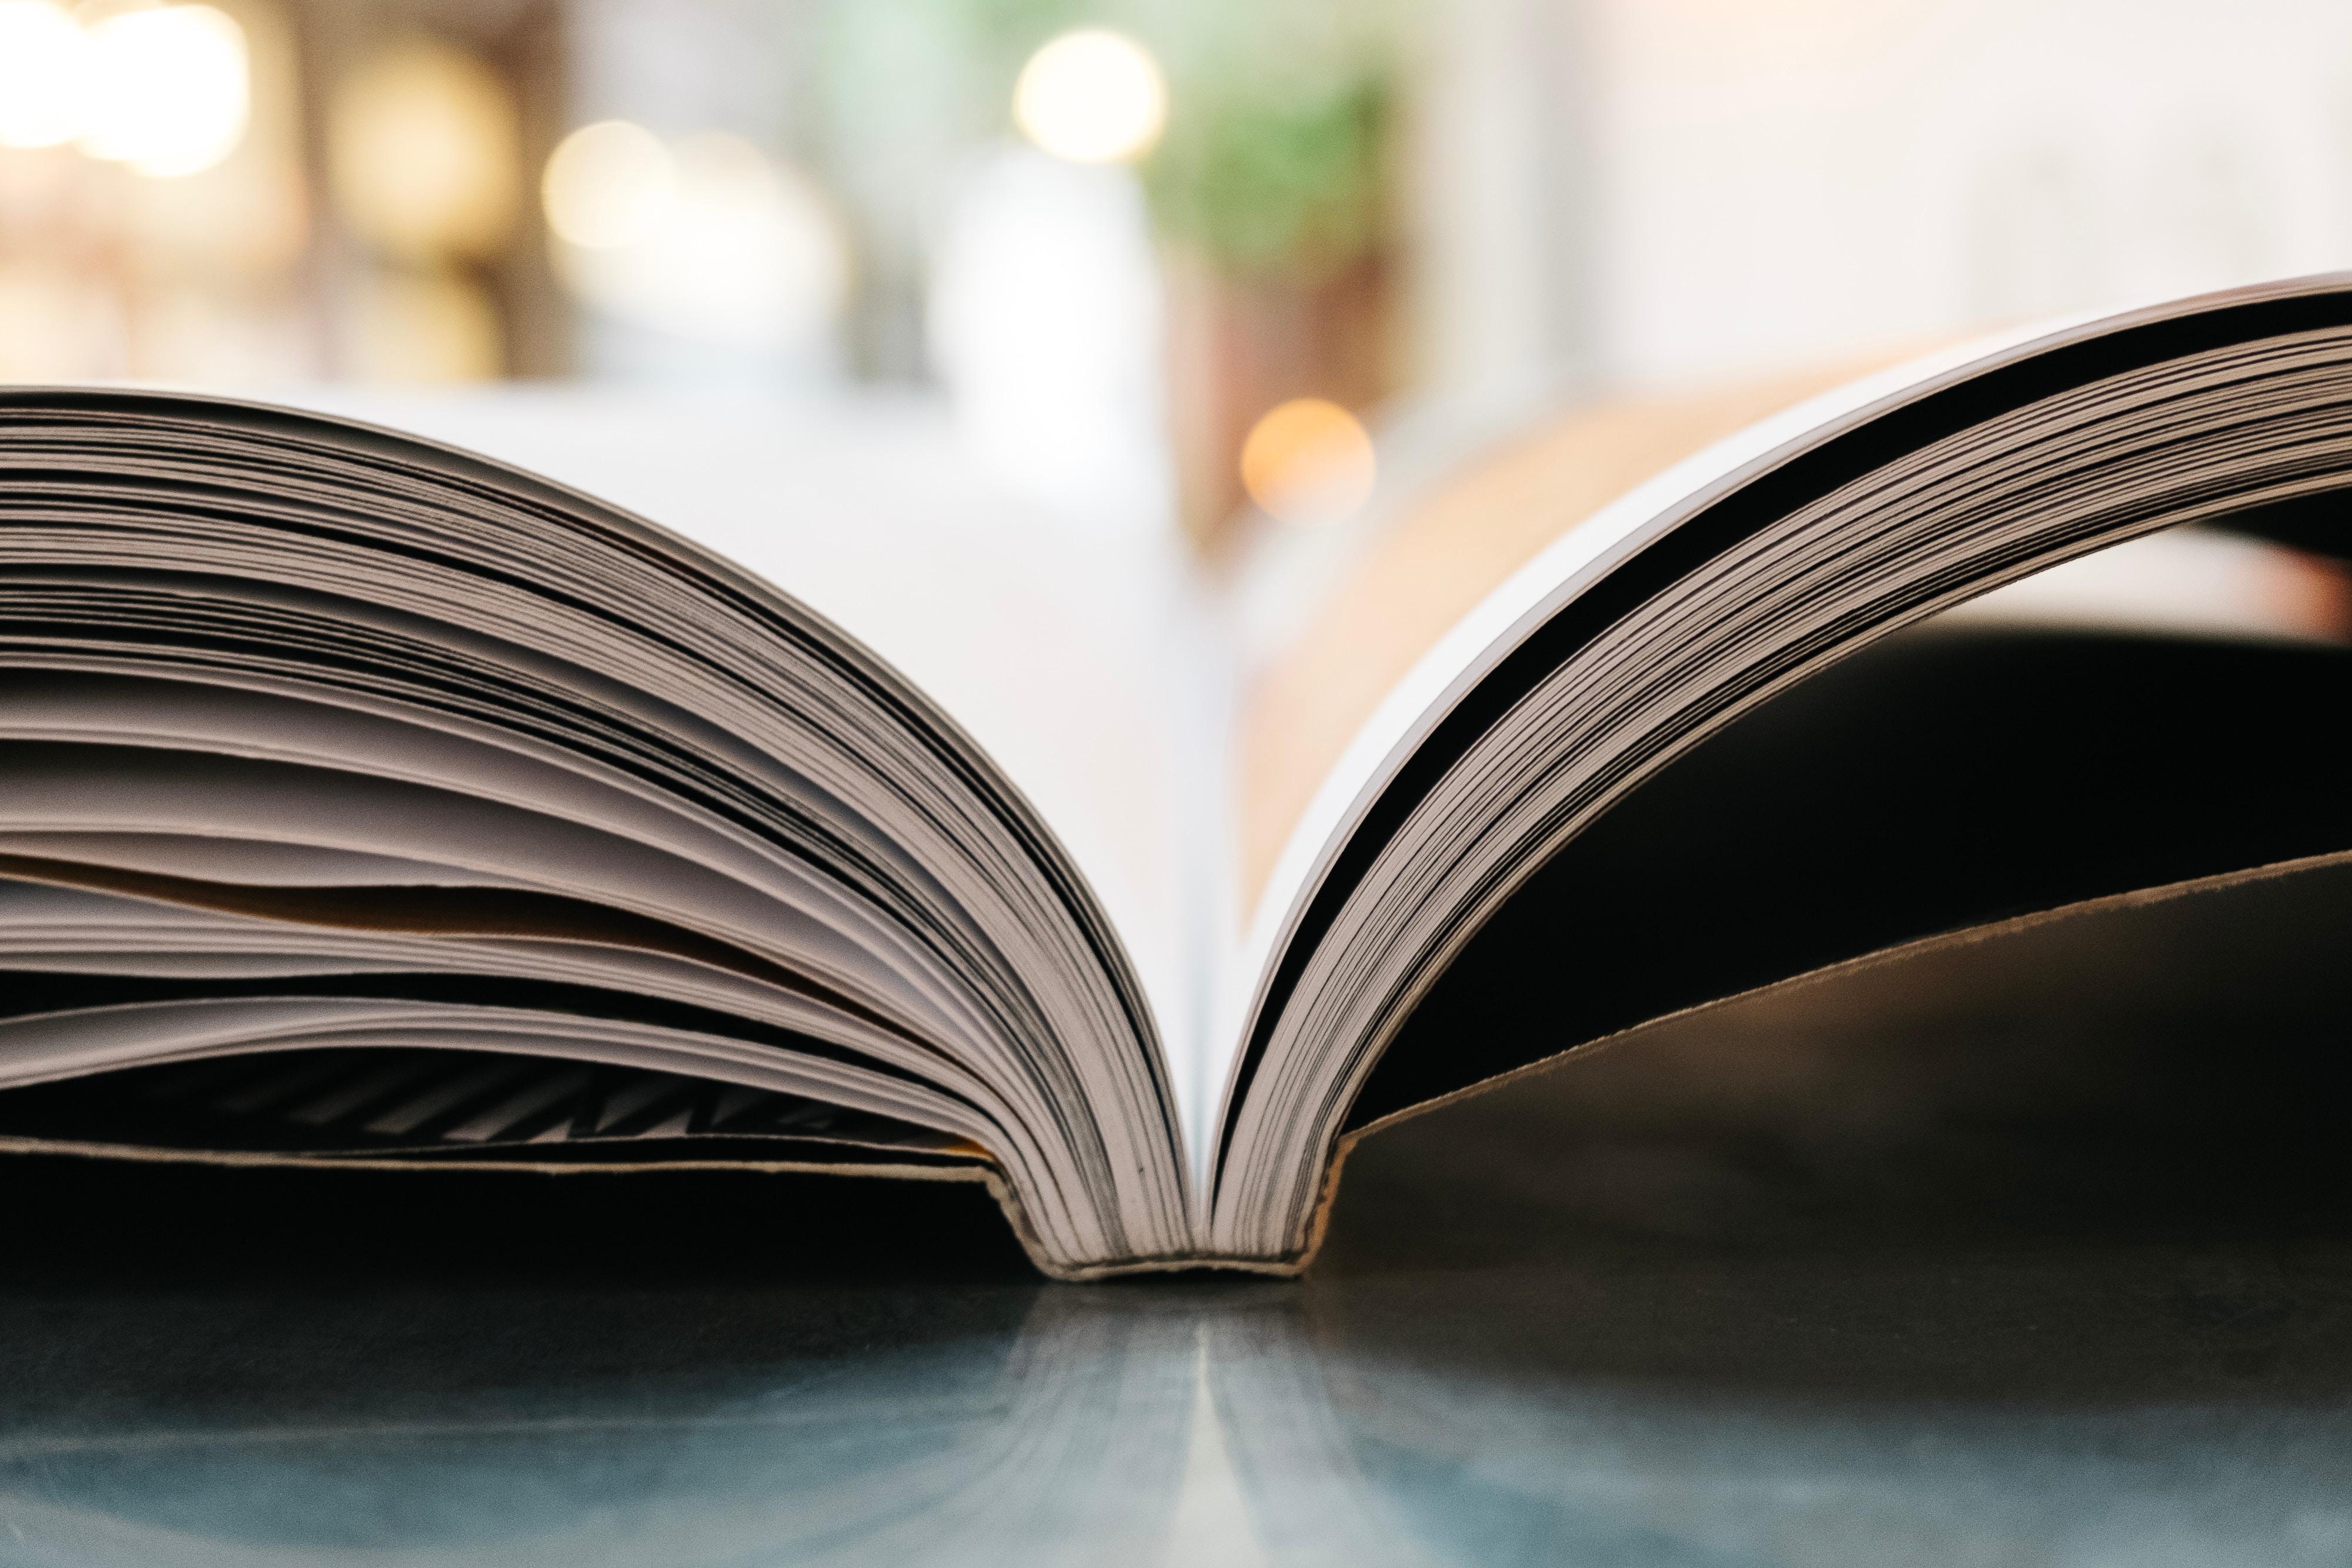 Jakie są zalety czytania książek